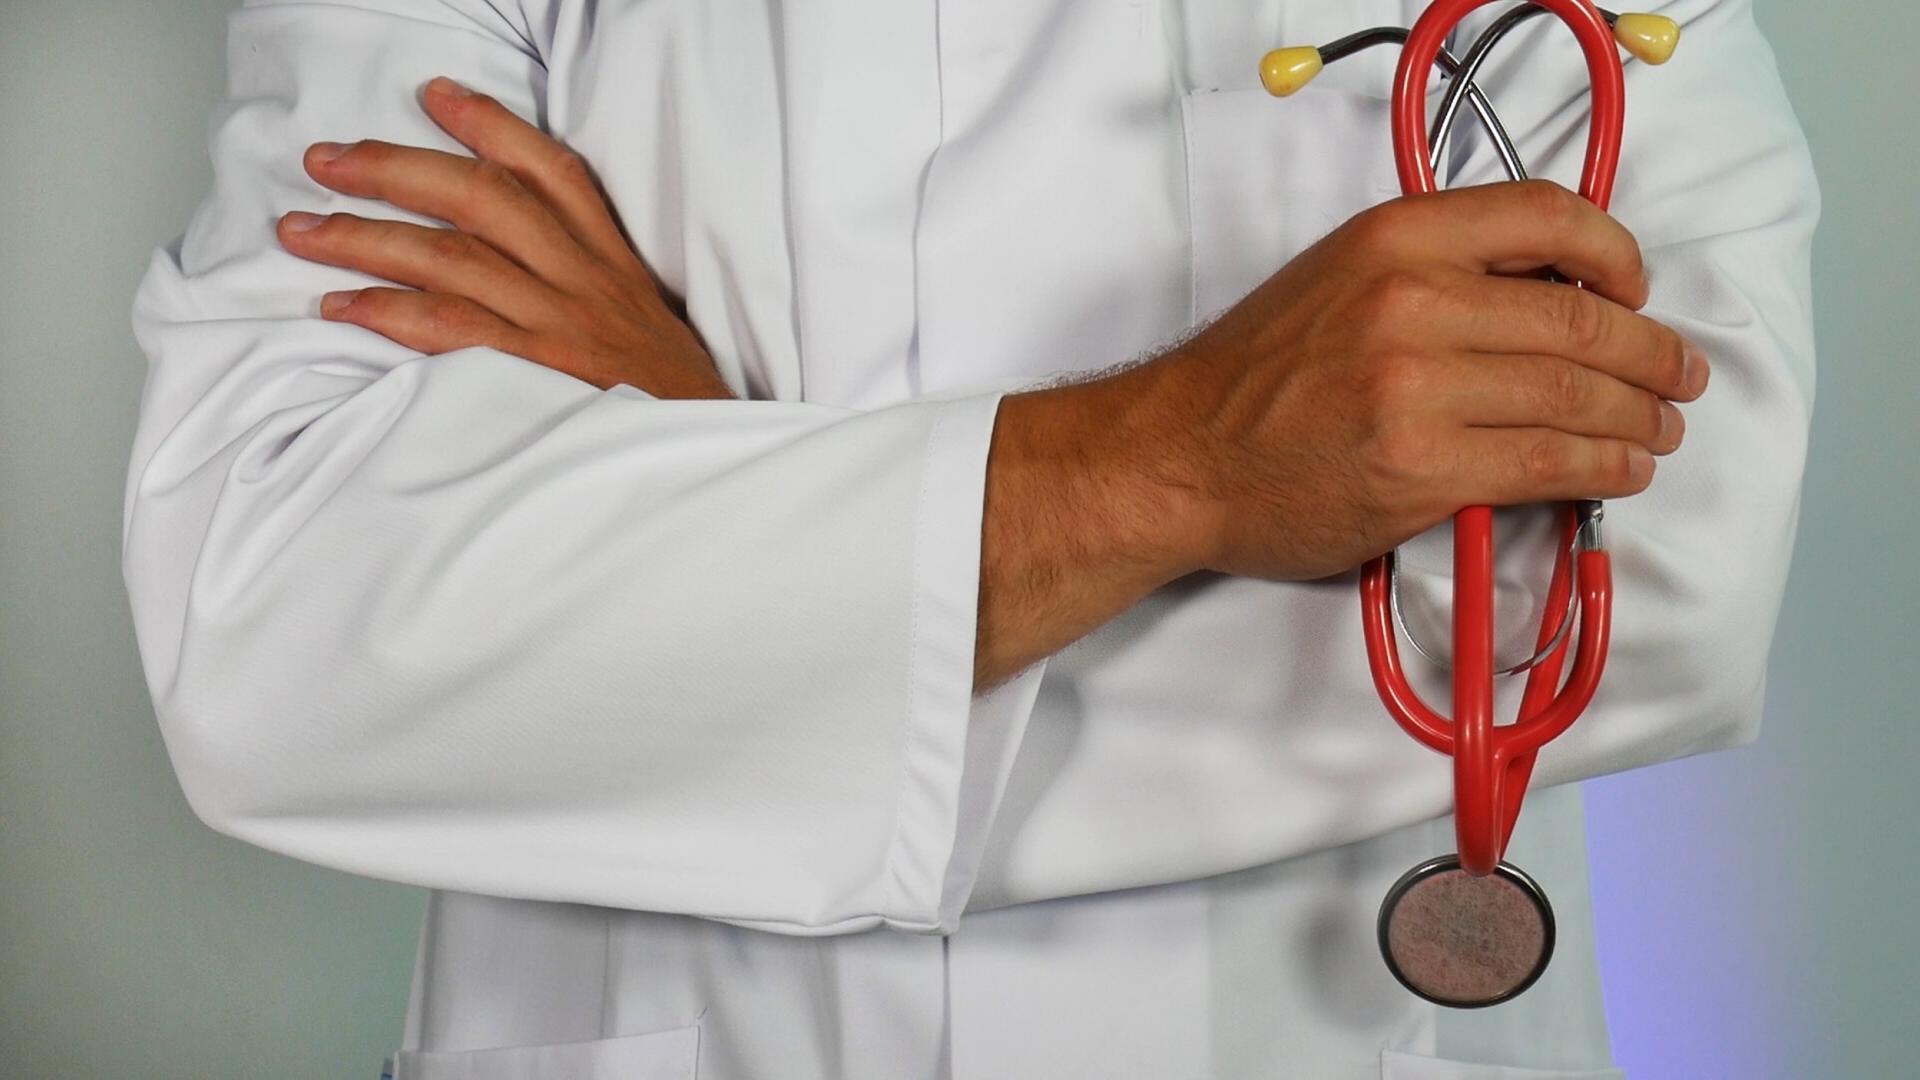 Відкритий лист стосовно ситуації довкола Національної служби здоров'я України